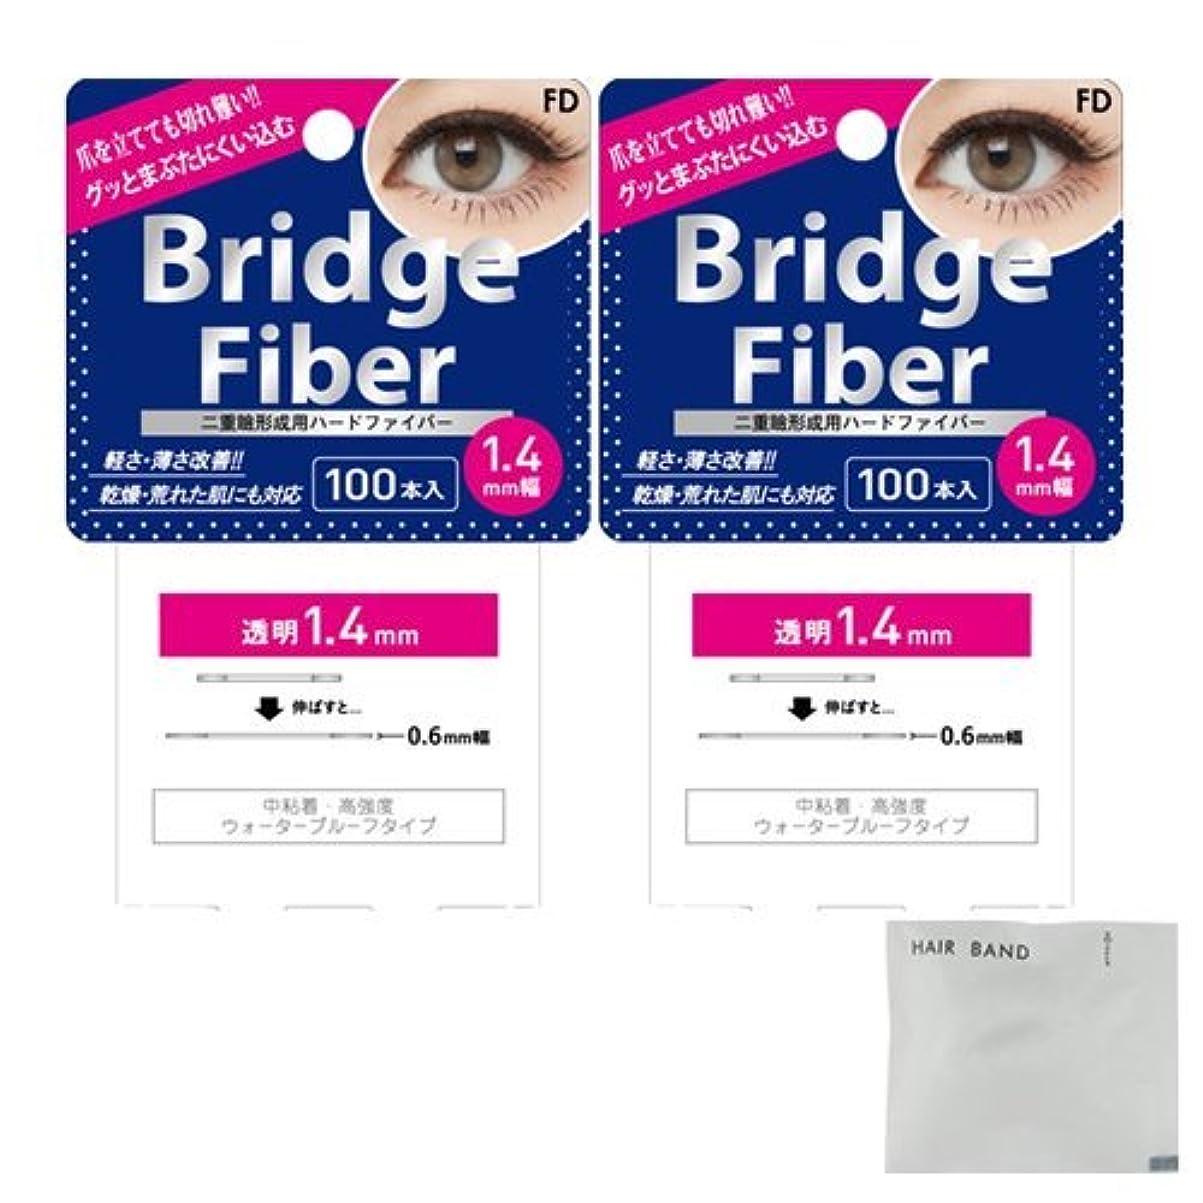 く巨大軽減するFD ブリッジファイバーⅡ (Bridge Fiber) クリア1.4mm×2個 + ヘアゴム(カラーはおまかせ)セット